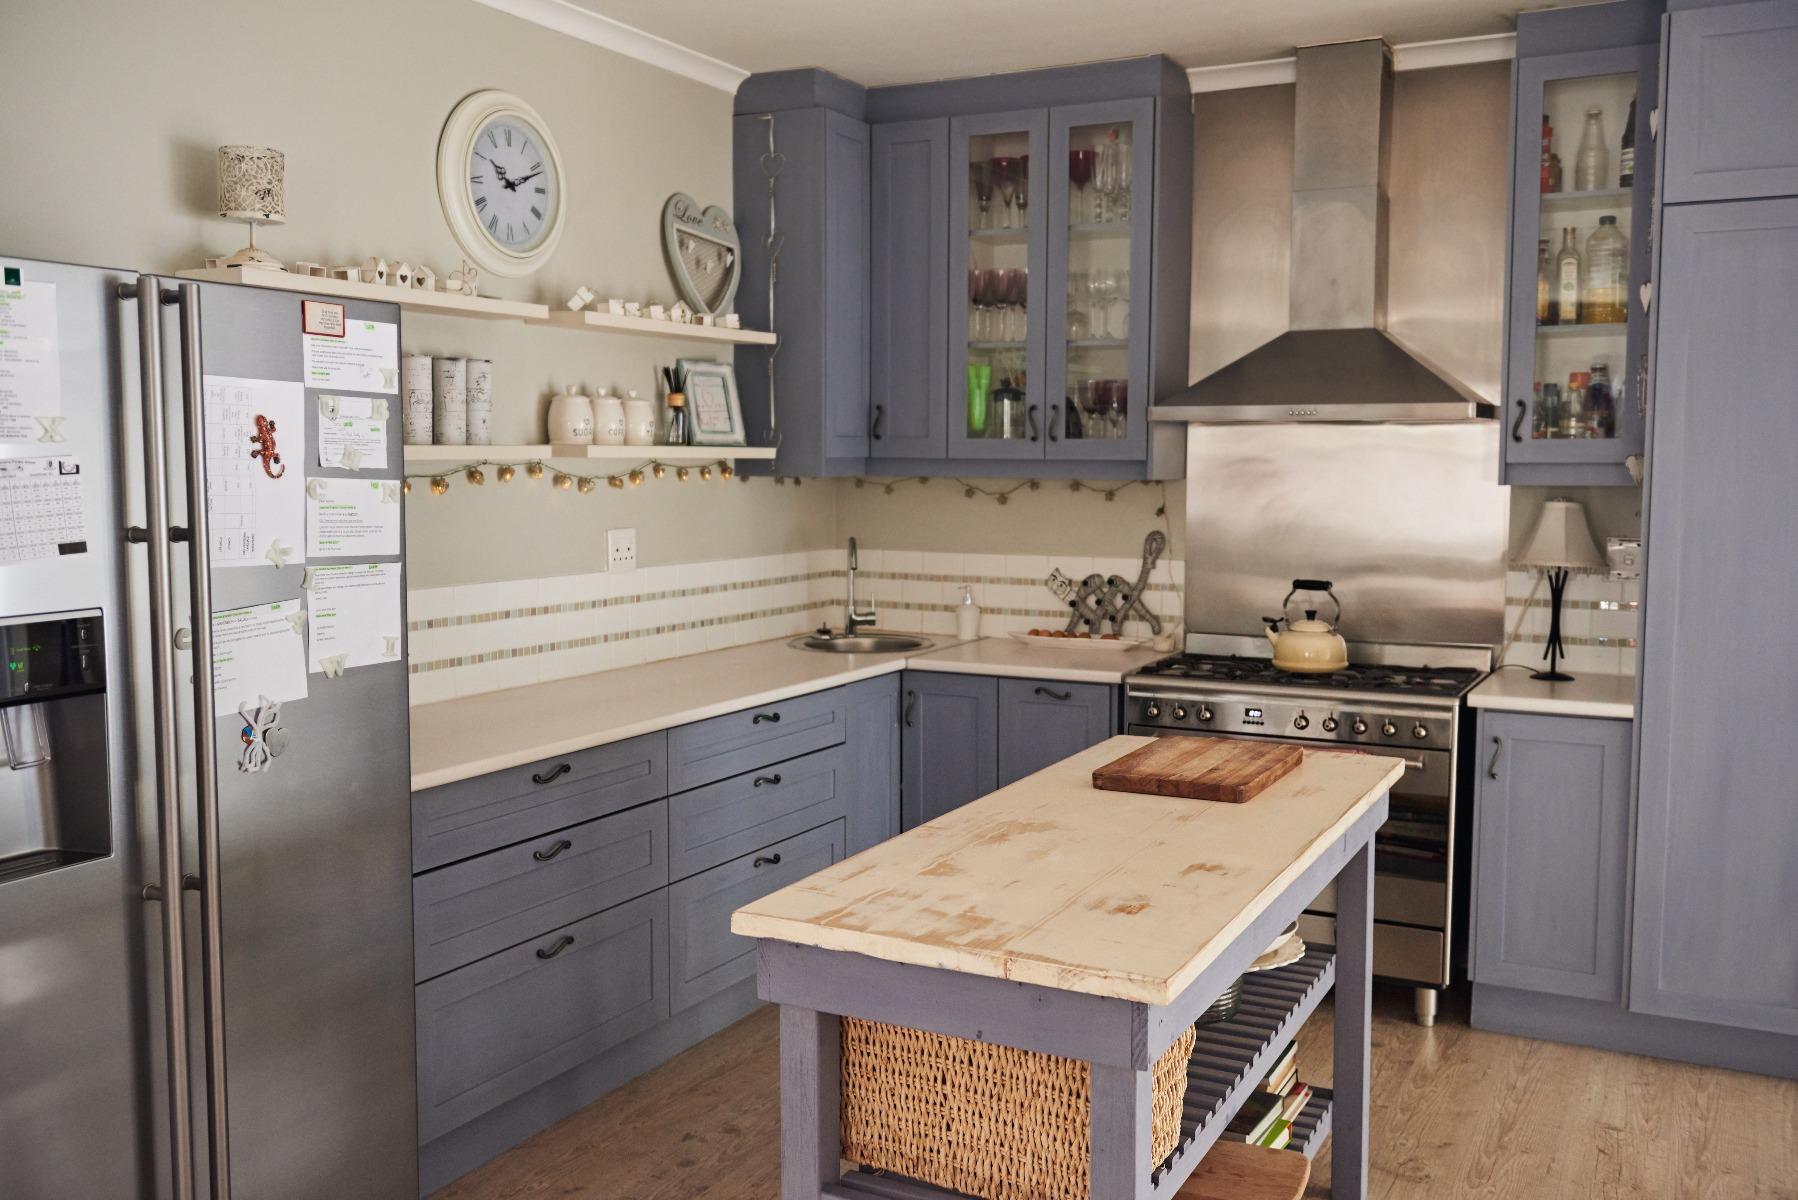 Das Bild zeigt eine Landhausküche in Grau.